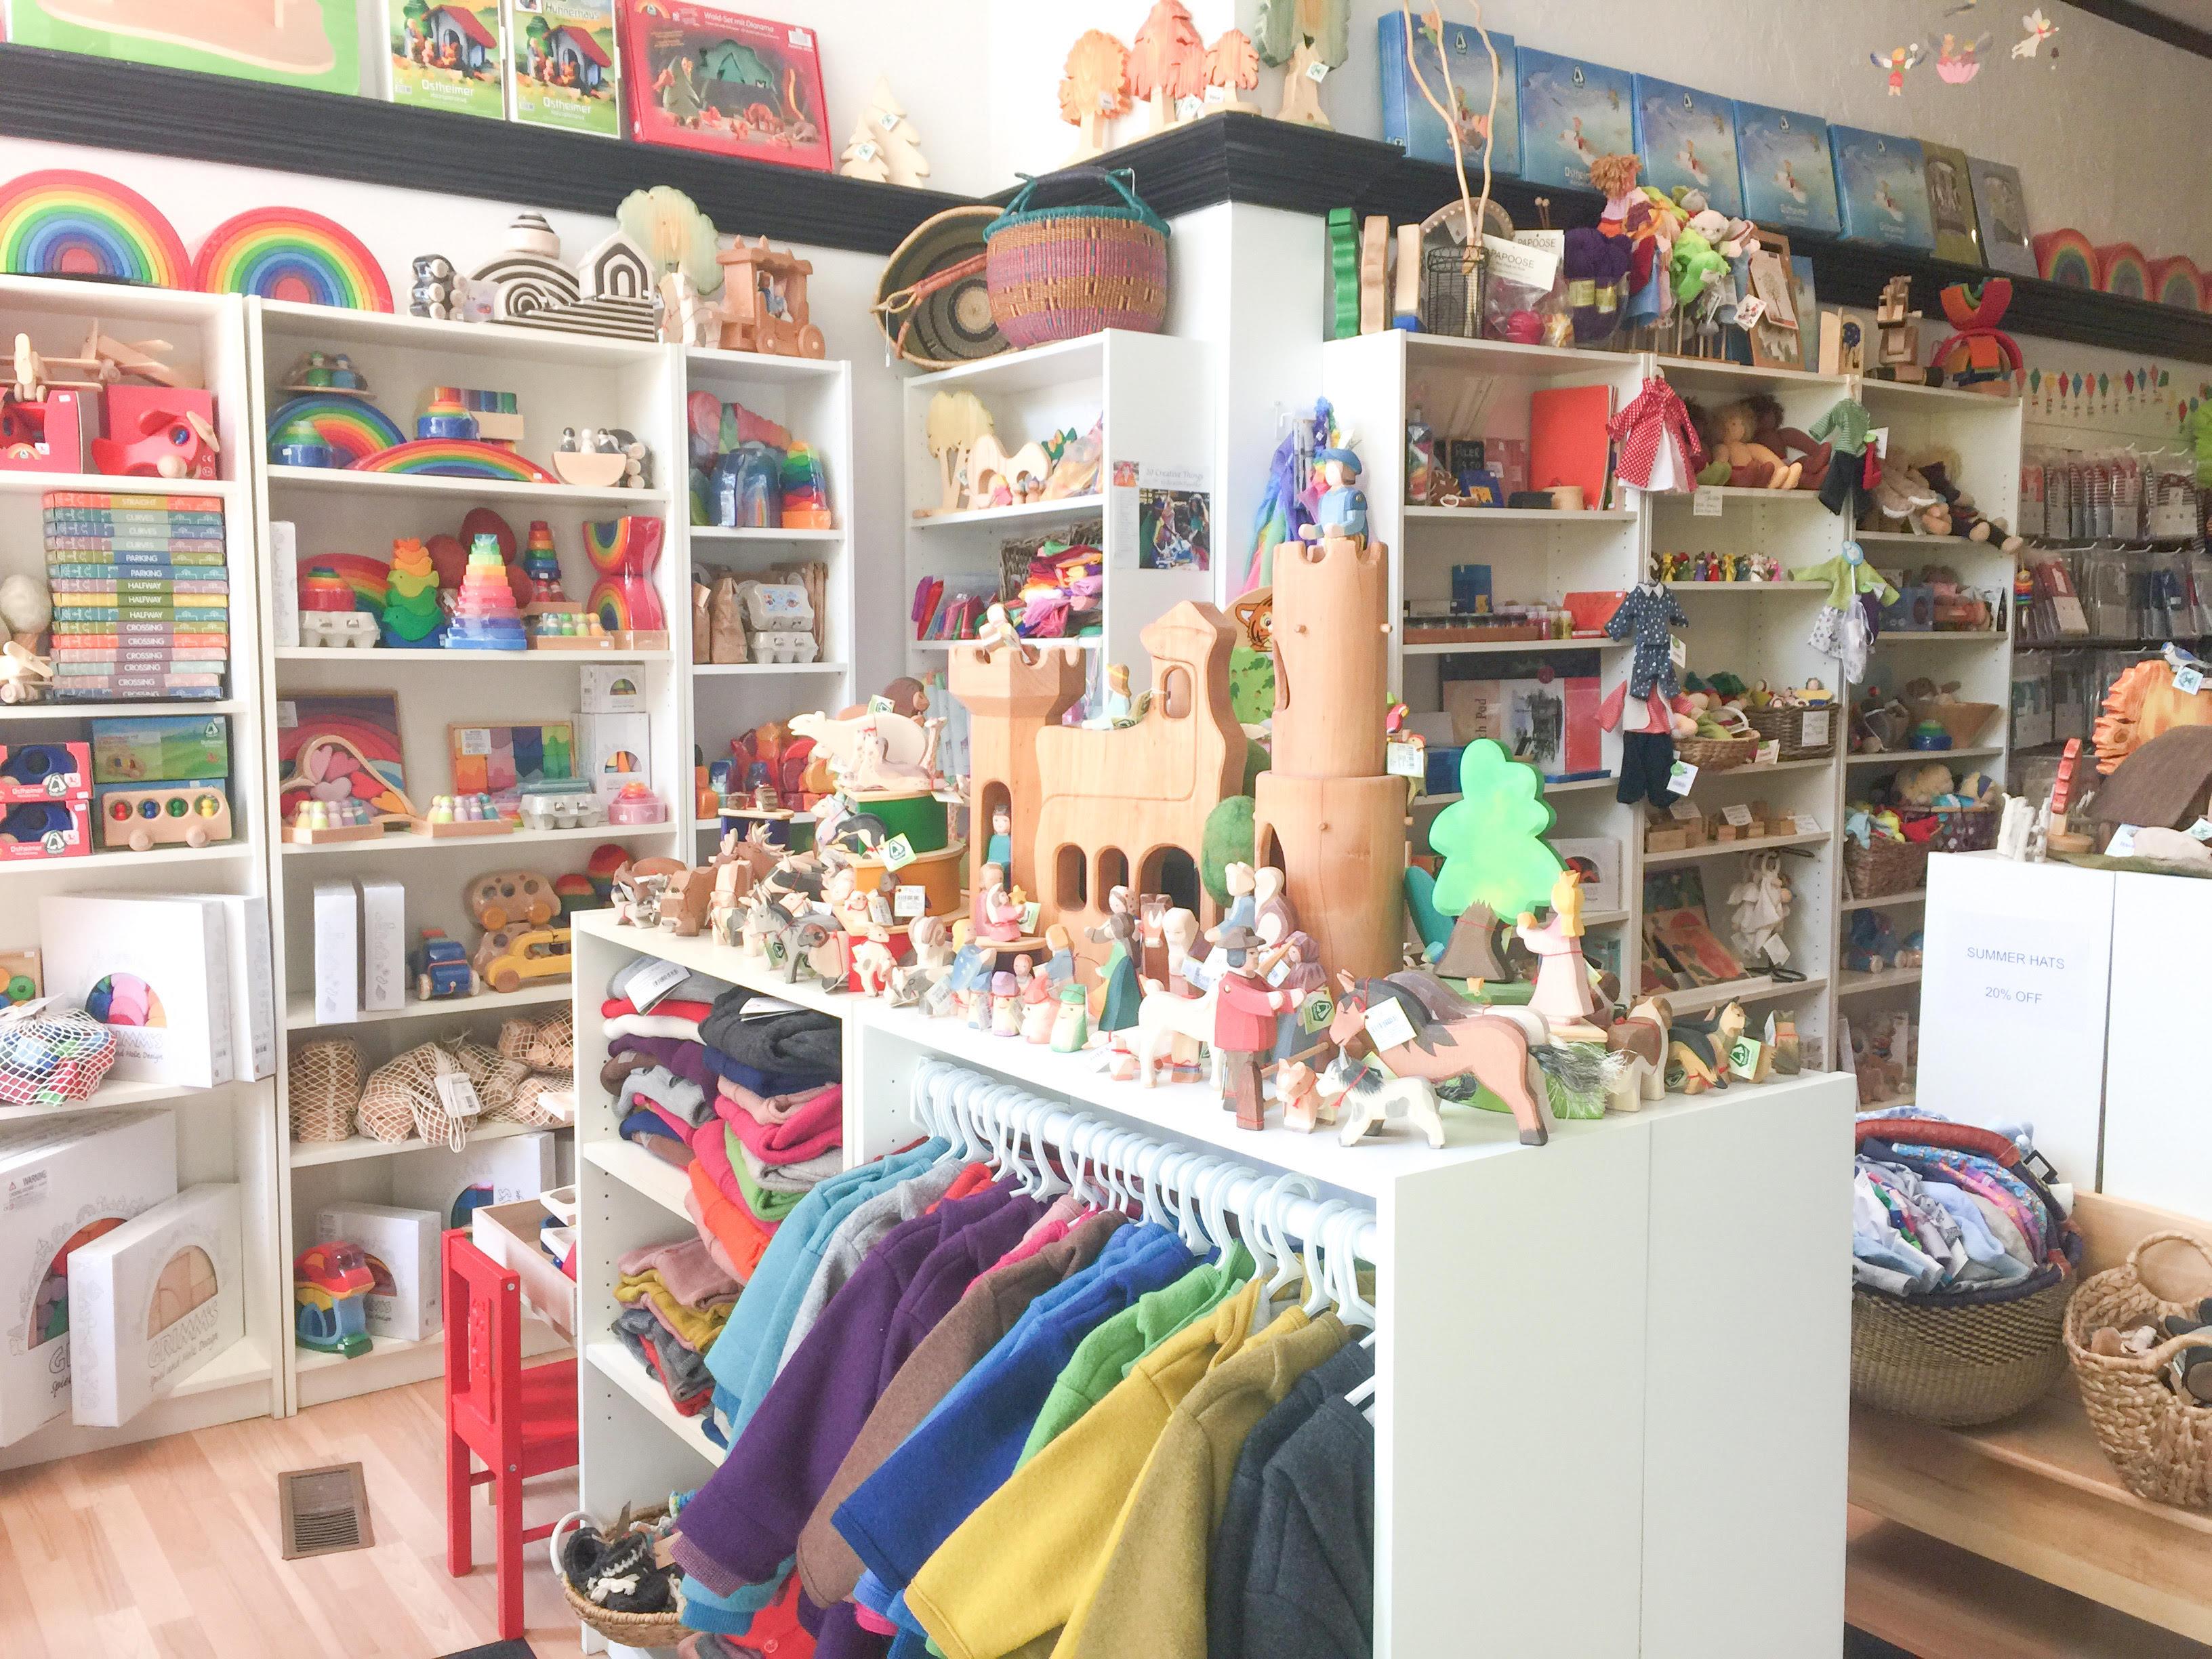 store-image.jpg